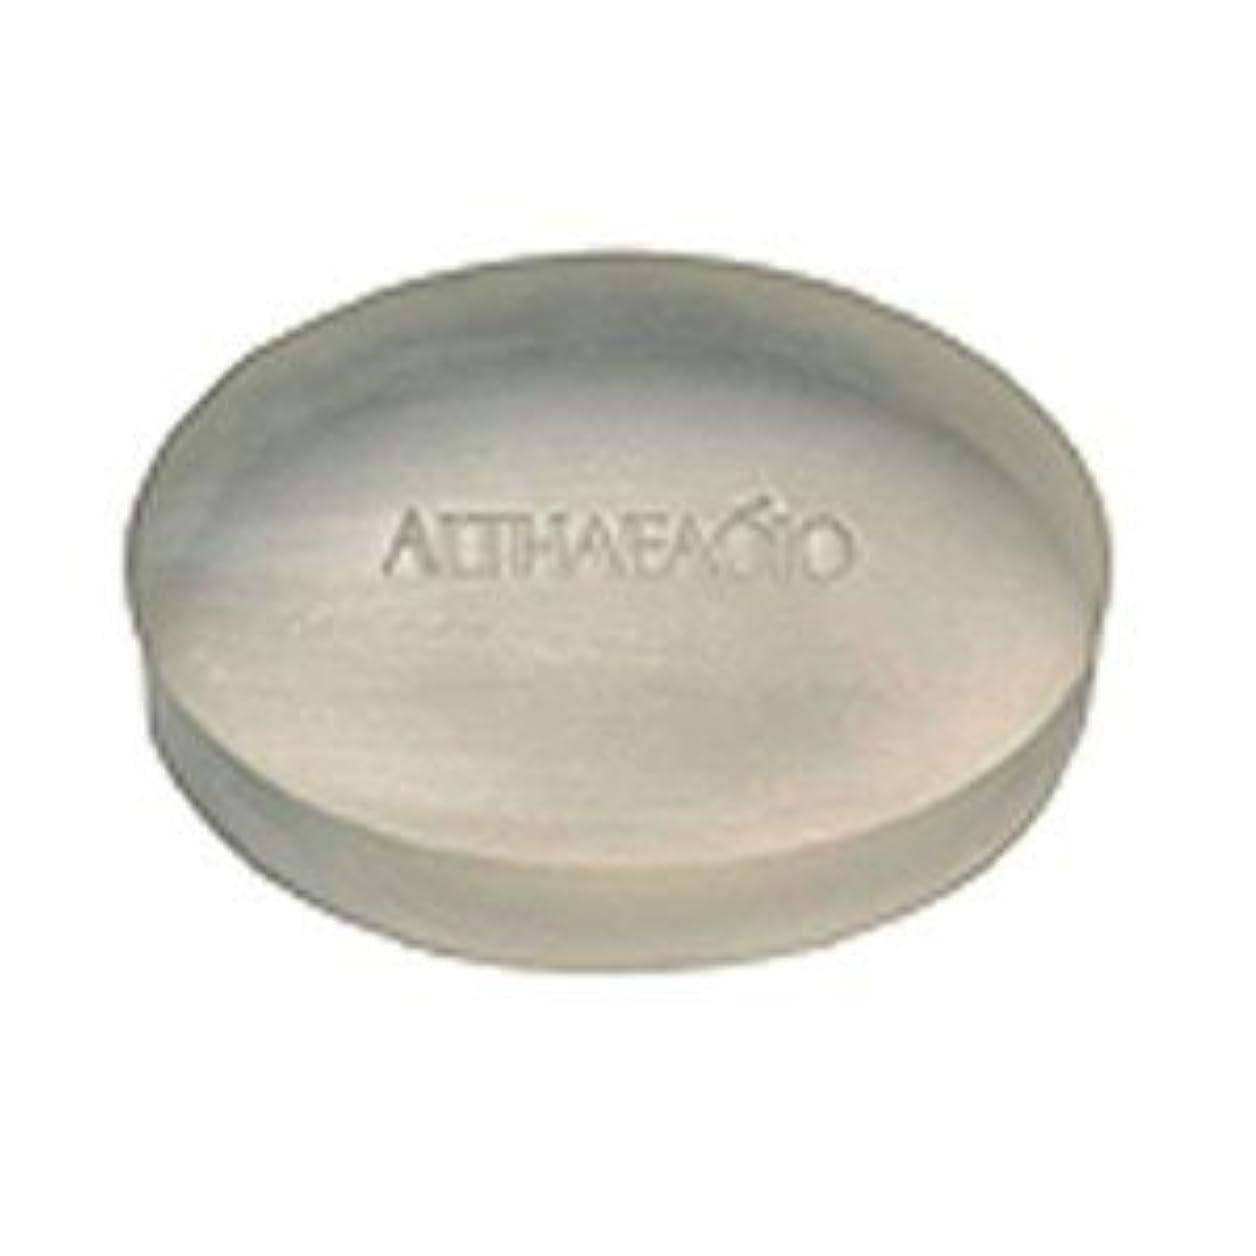 受け取るブラジャーママセプテム エルテオ ソープ レフィル 100g 薬用洗顔石けん